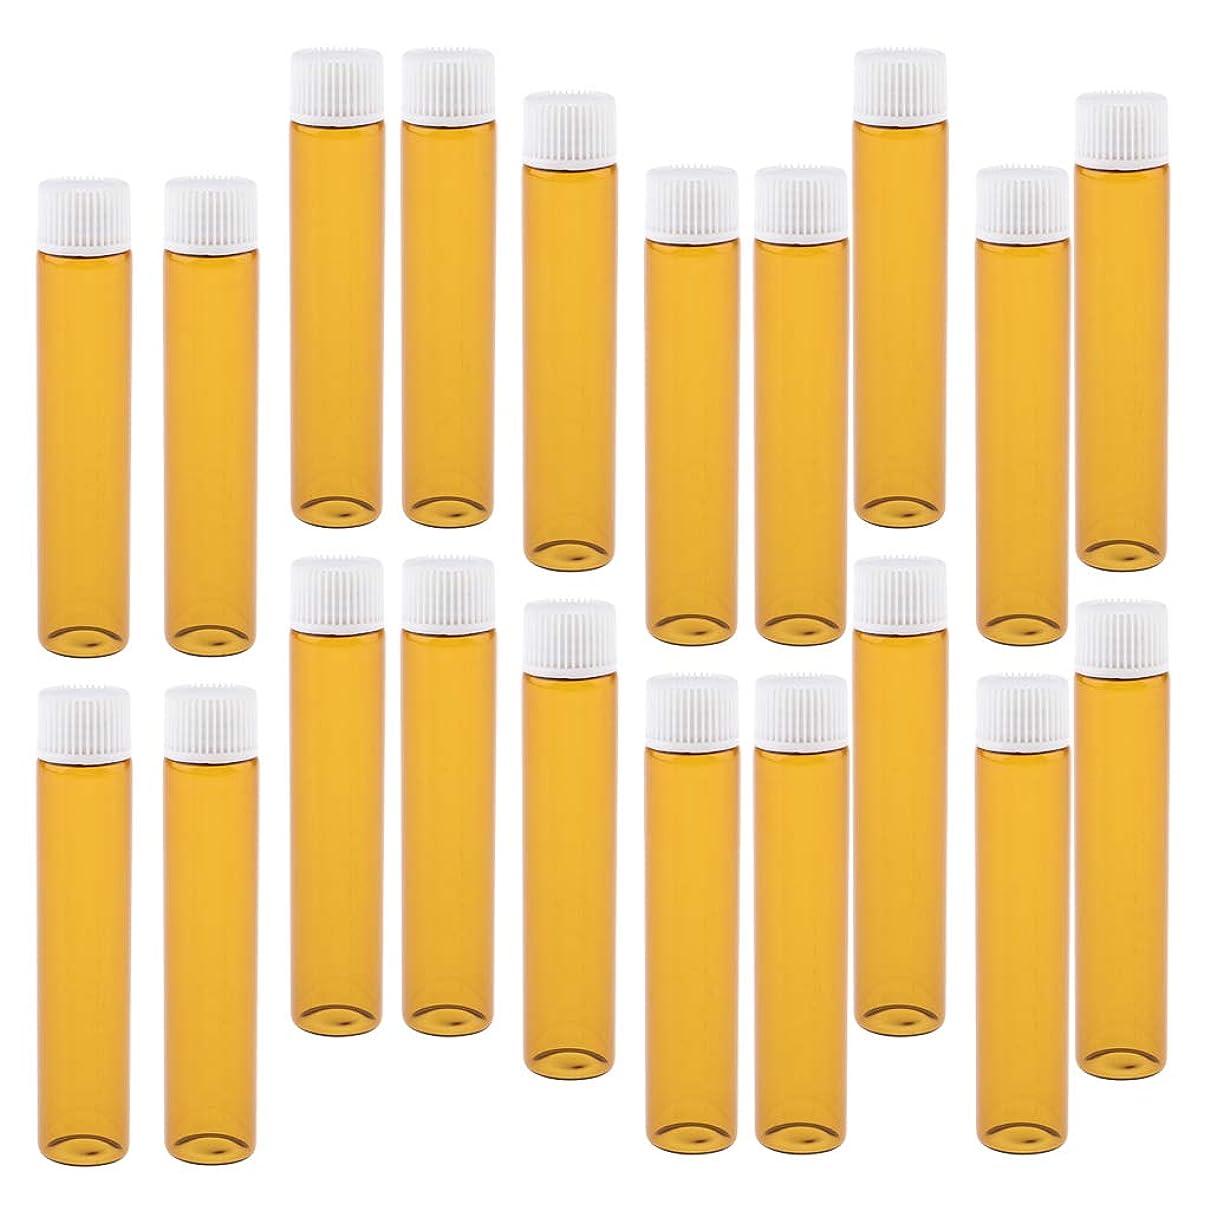 キャンプナインへ海洋のT TOOYFUL 20個 ガラスボトル 香水ボトル 詰替え容器 小分け容器 小分けボトル ポータブル 再利用可能全4色 - ホワイト